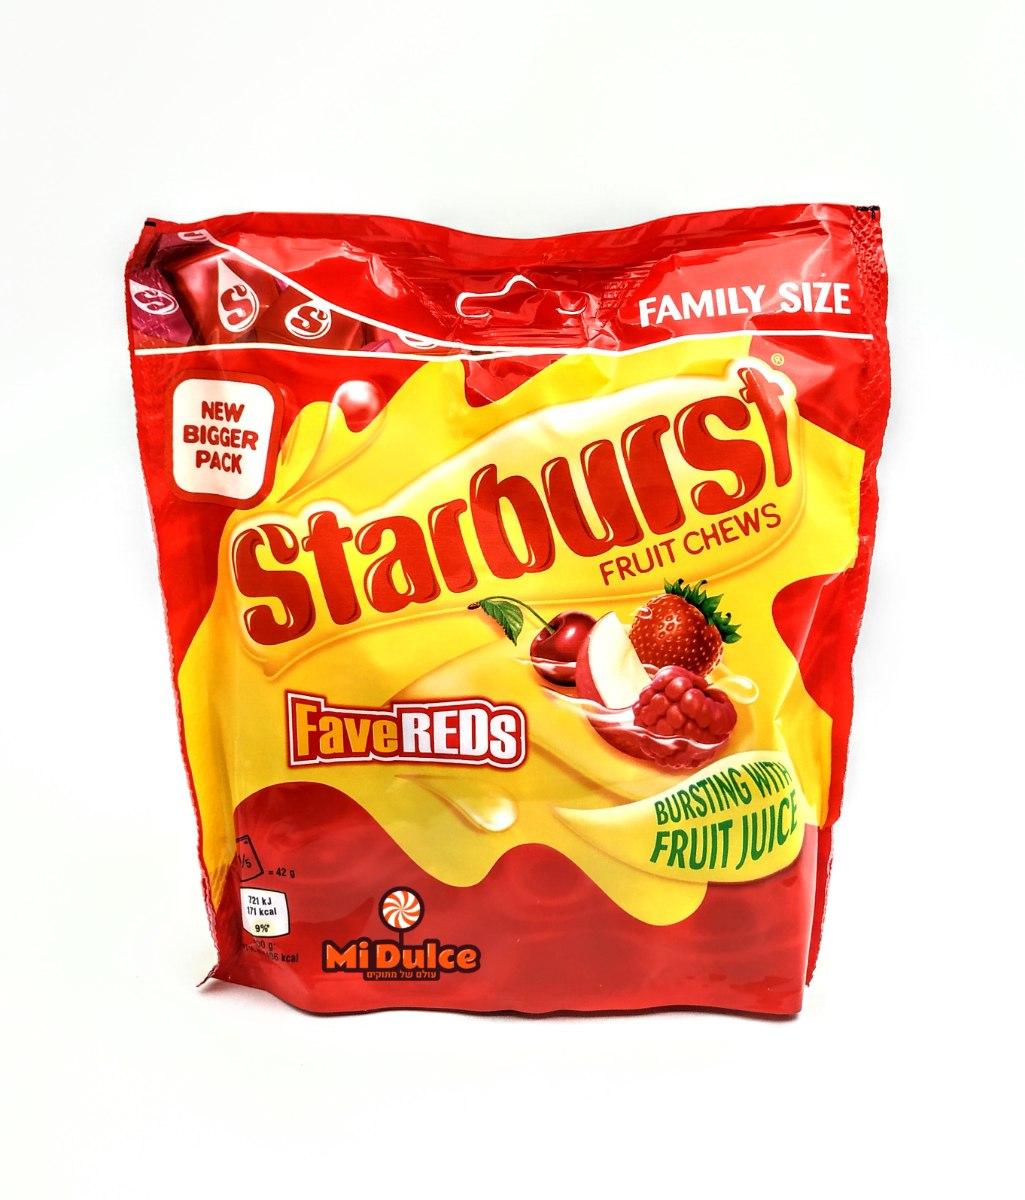 Starburst FaveReds,מארז משפחתי!